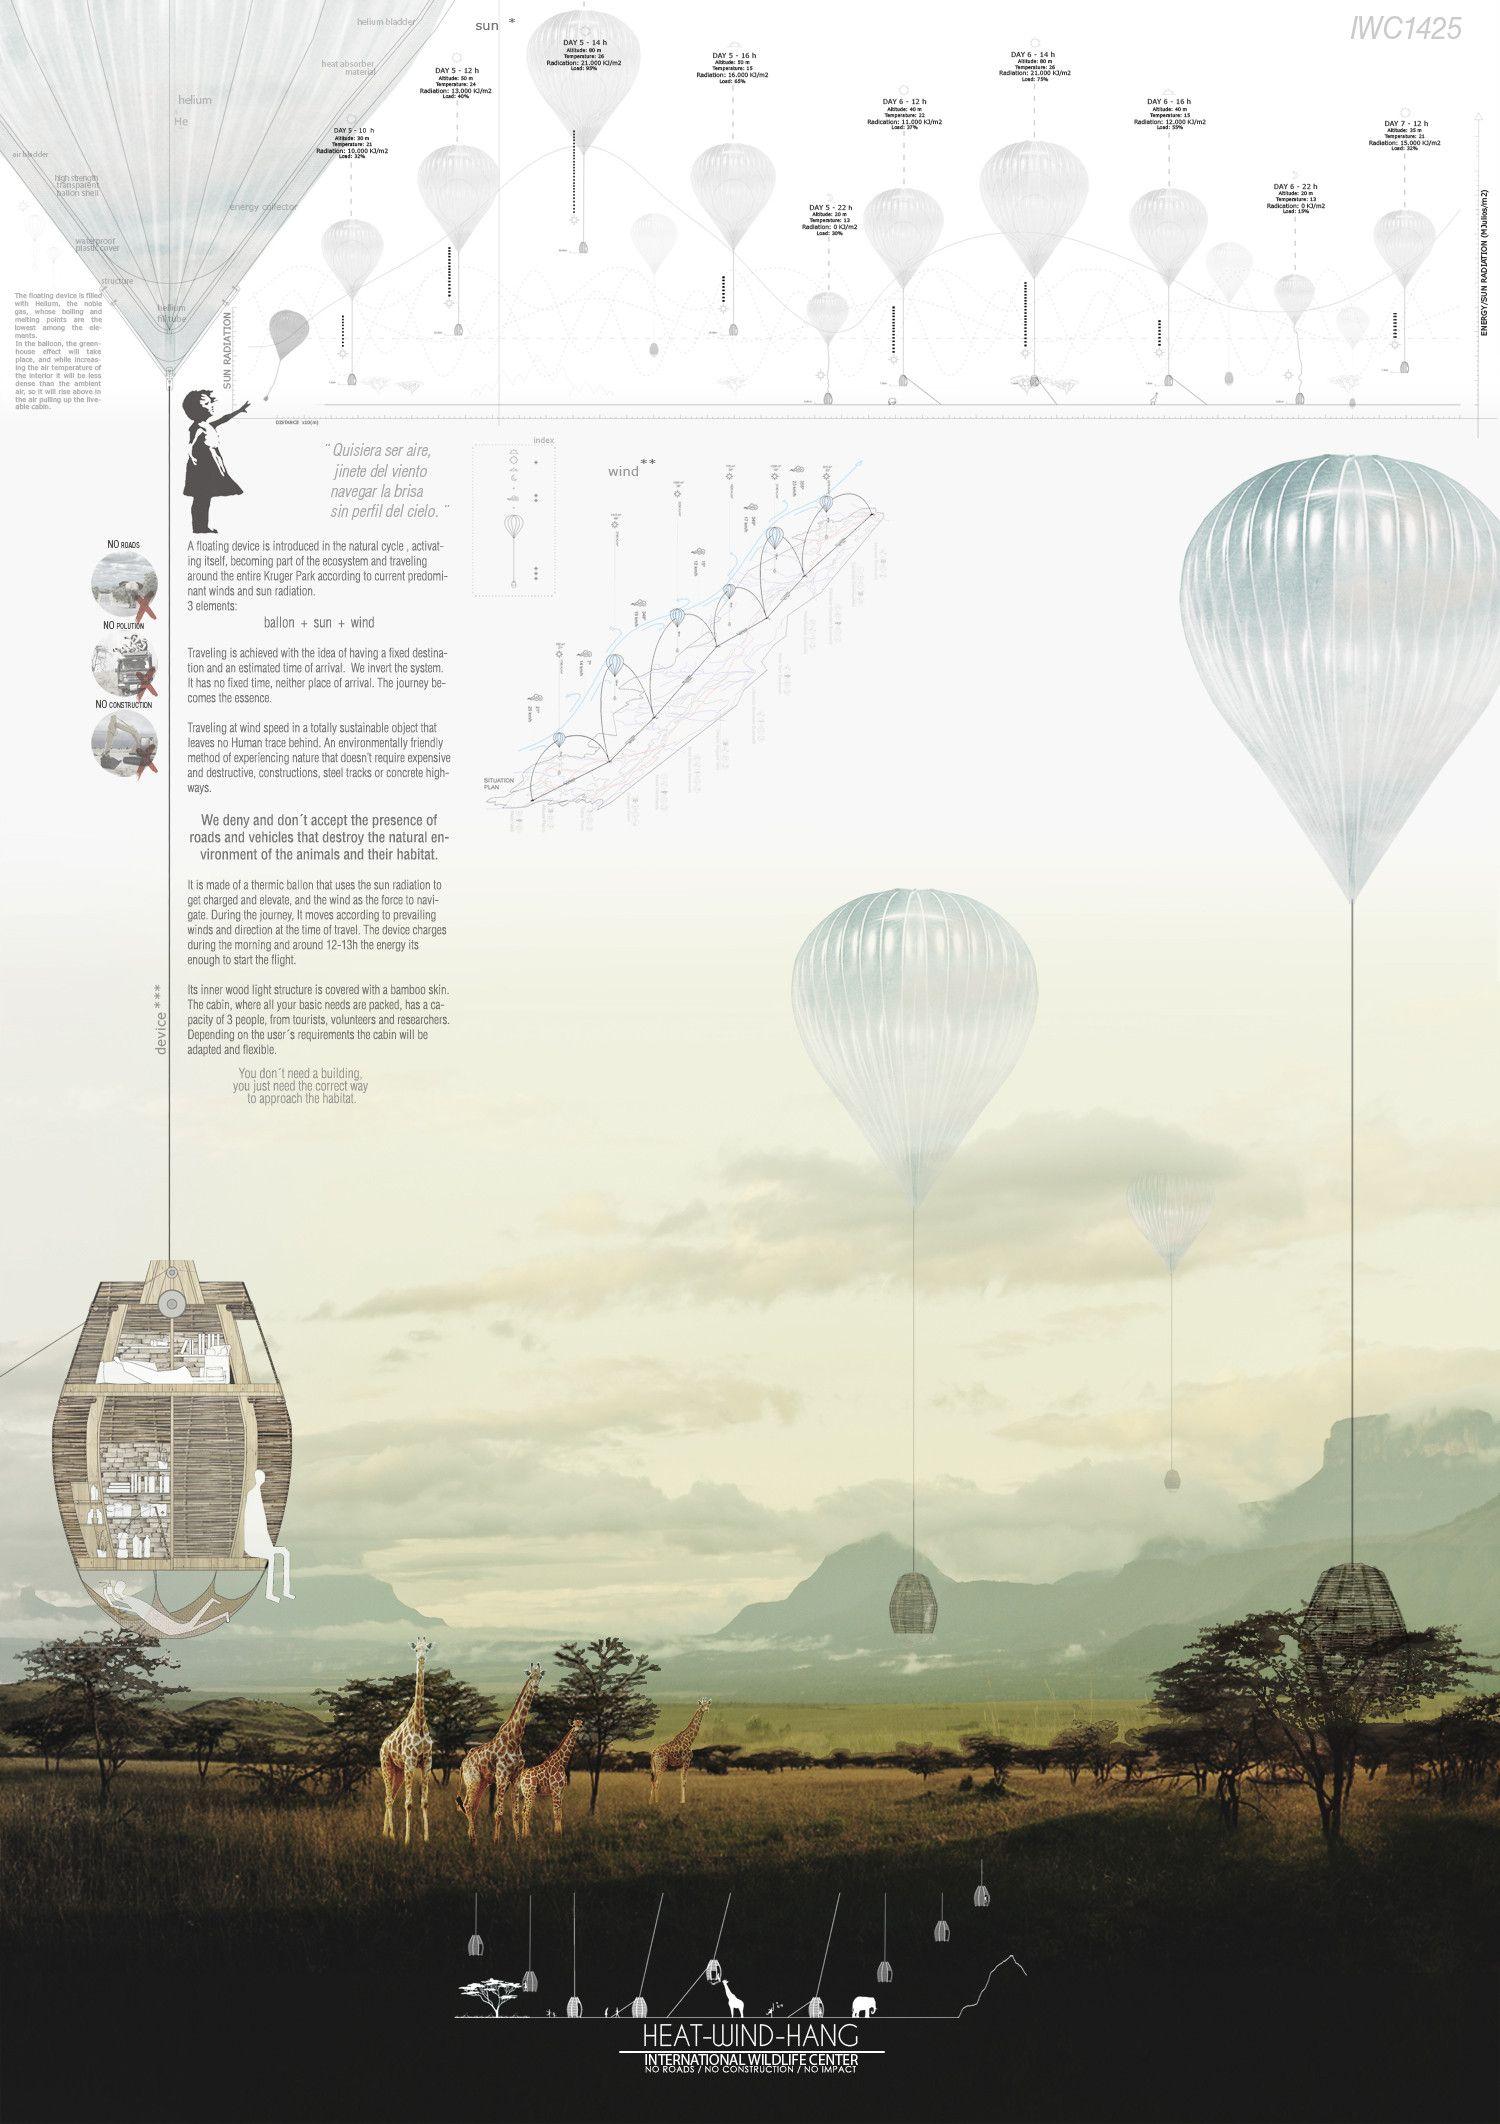 3 panel poster board designs - Galer A Iwc Frica Anuncian Ganadores De Ideas Sobre Centro De Visitantes En Reserva Natural